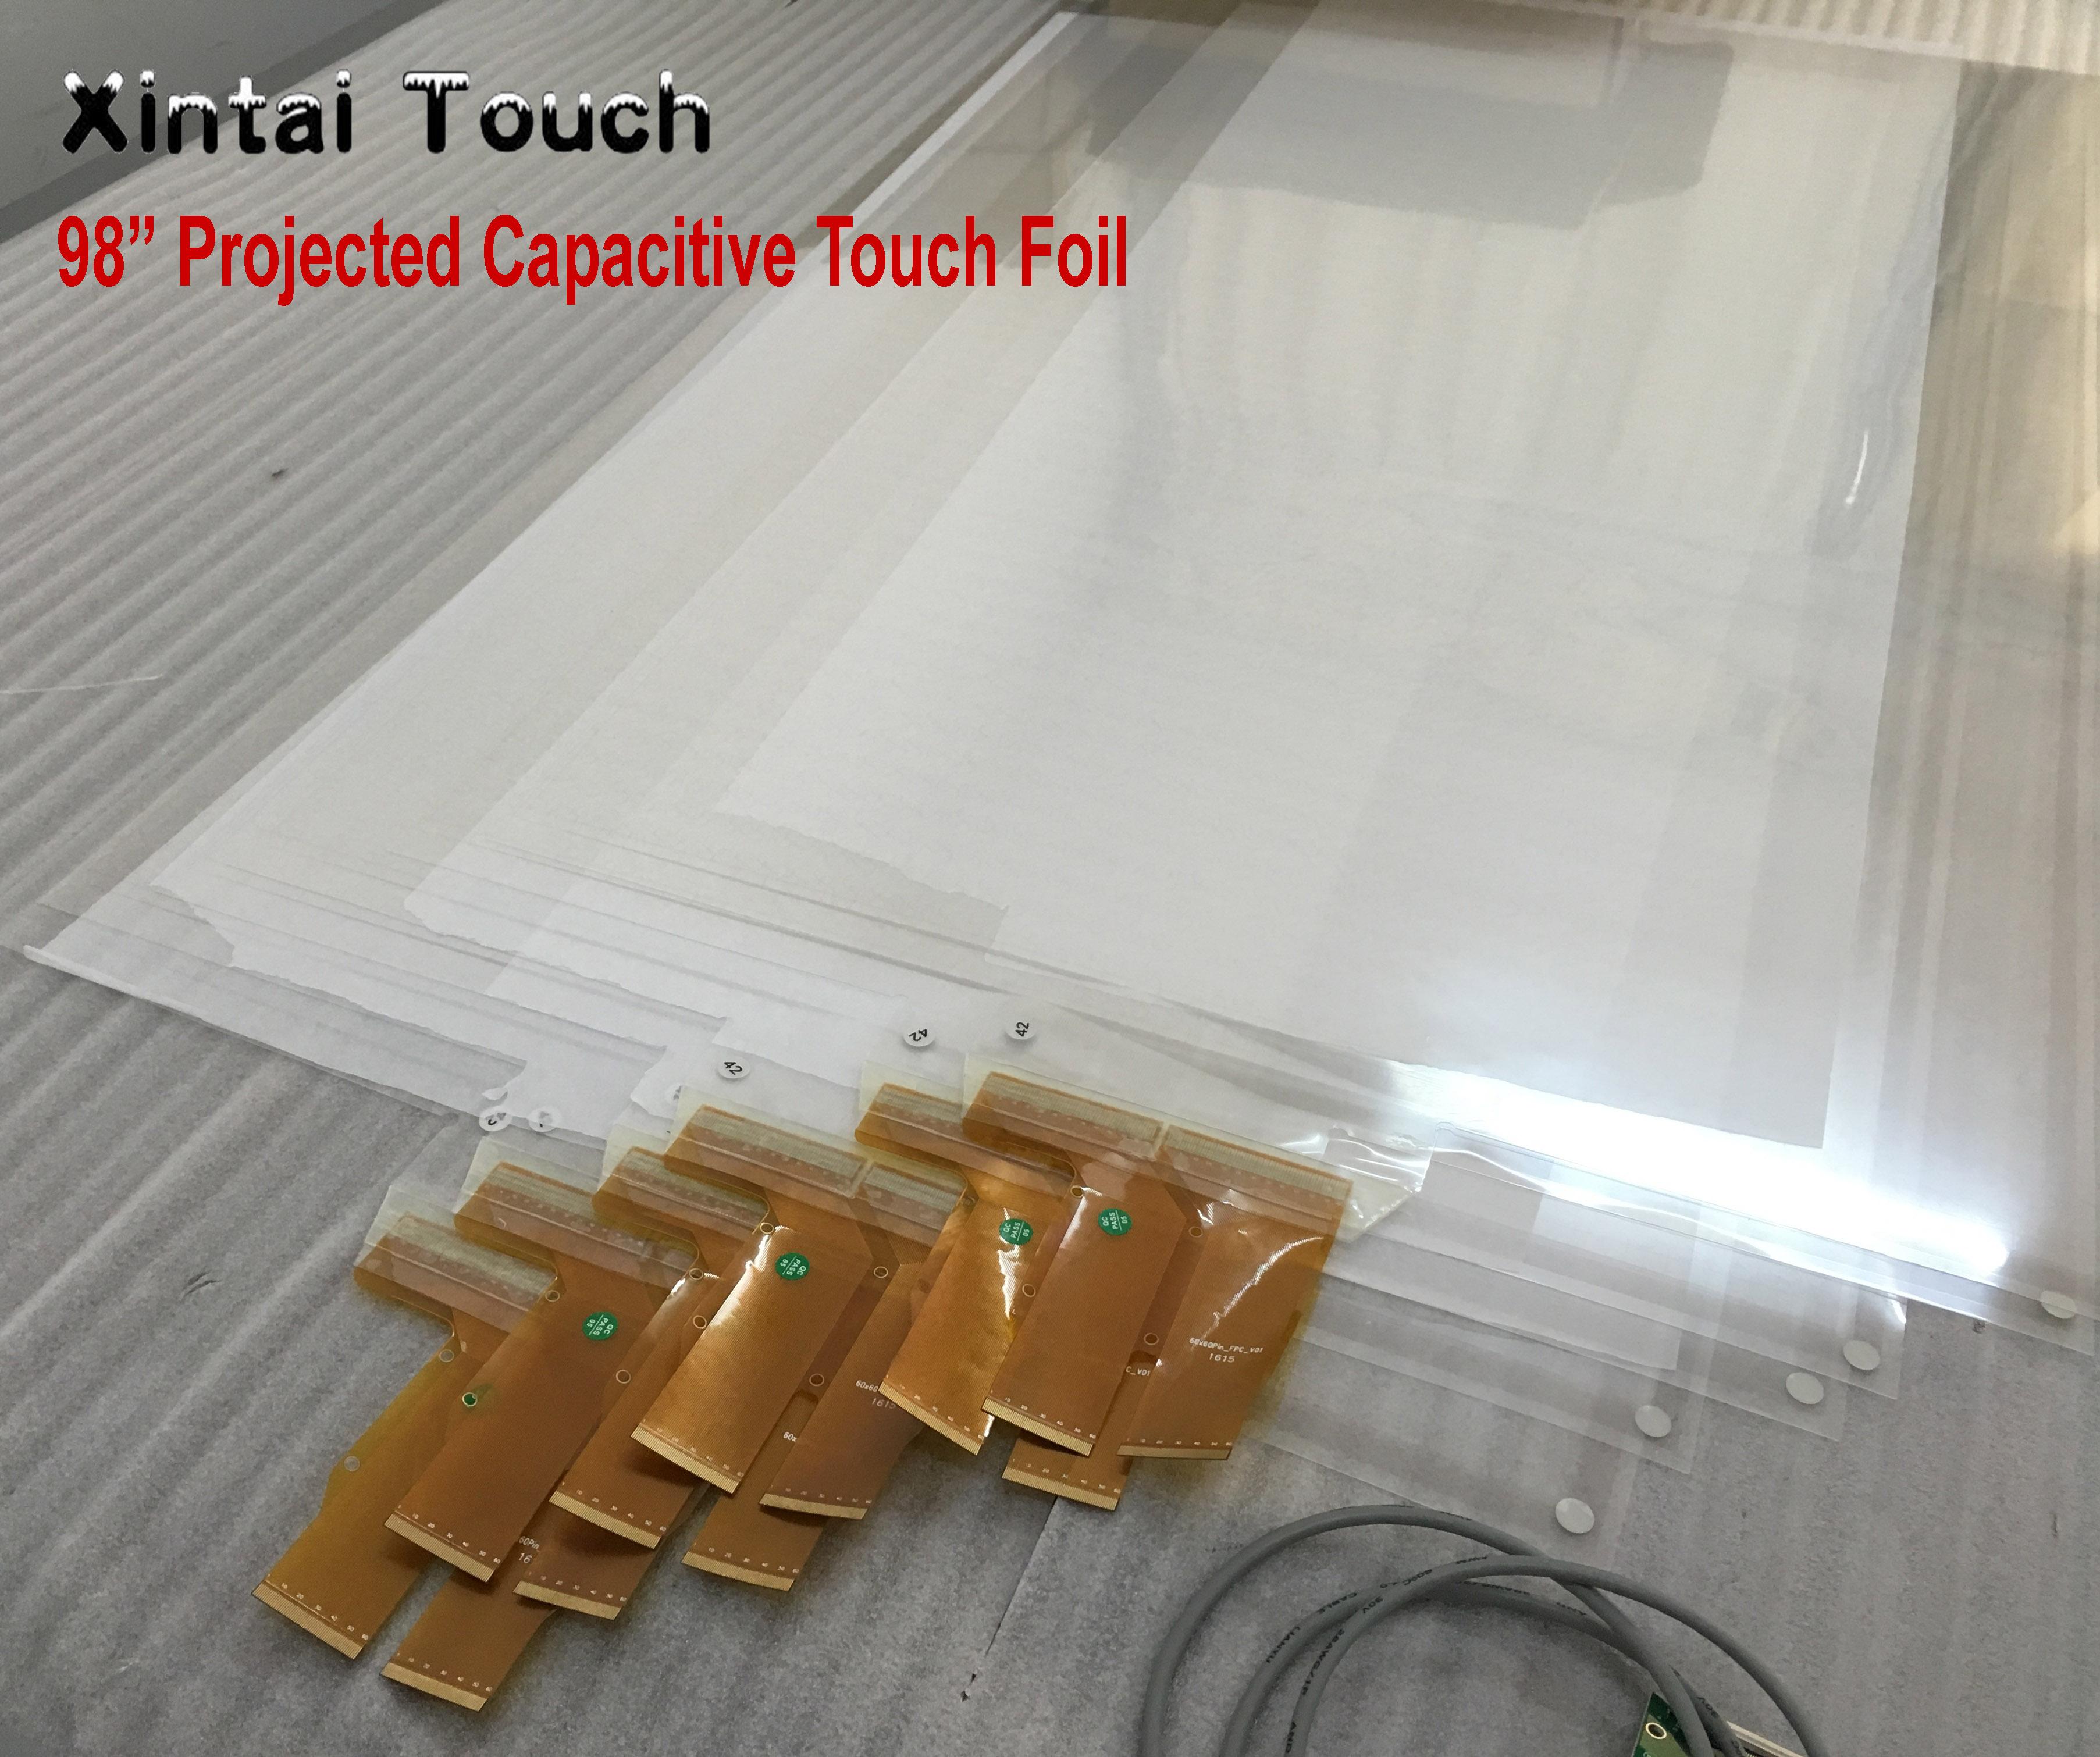 Xintai Touch-رقائق شاشة تعمل باللمس بالسعة ، فيلم شاشة لمس تفاعلي 10 نقاط ، شاشة تعمل باللمس ، شاشة تعمل باللمس ، كشك ، 98 بوصة